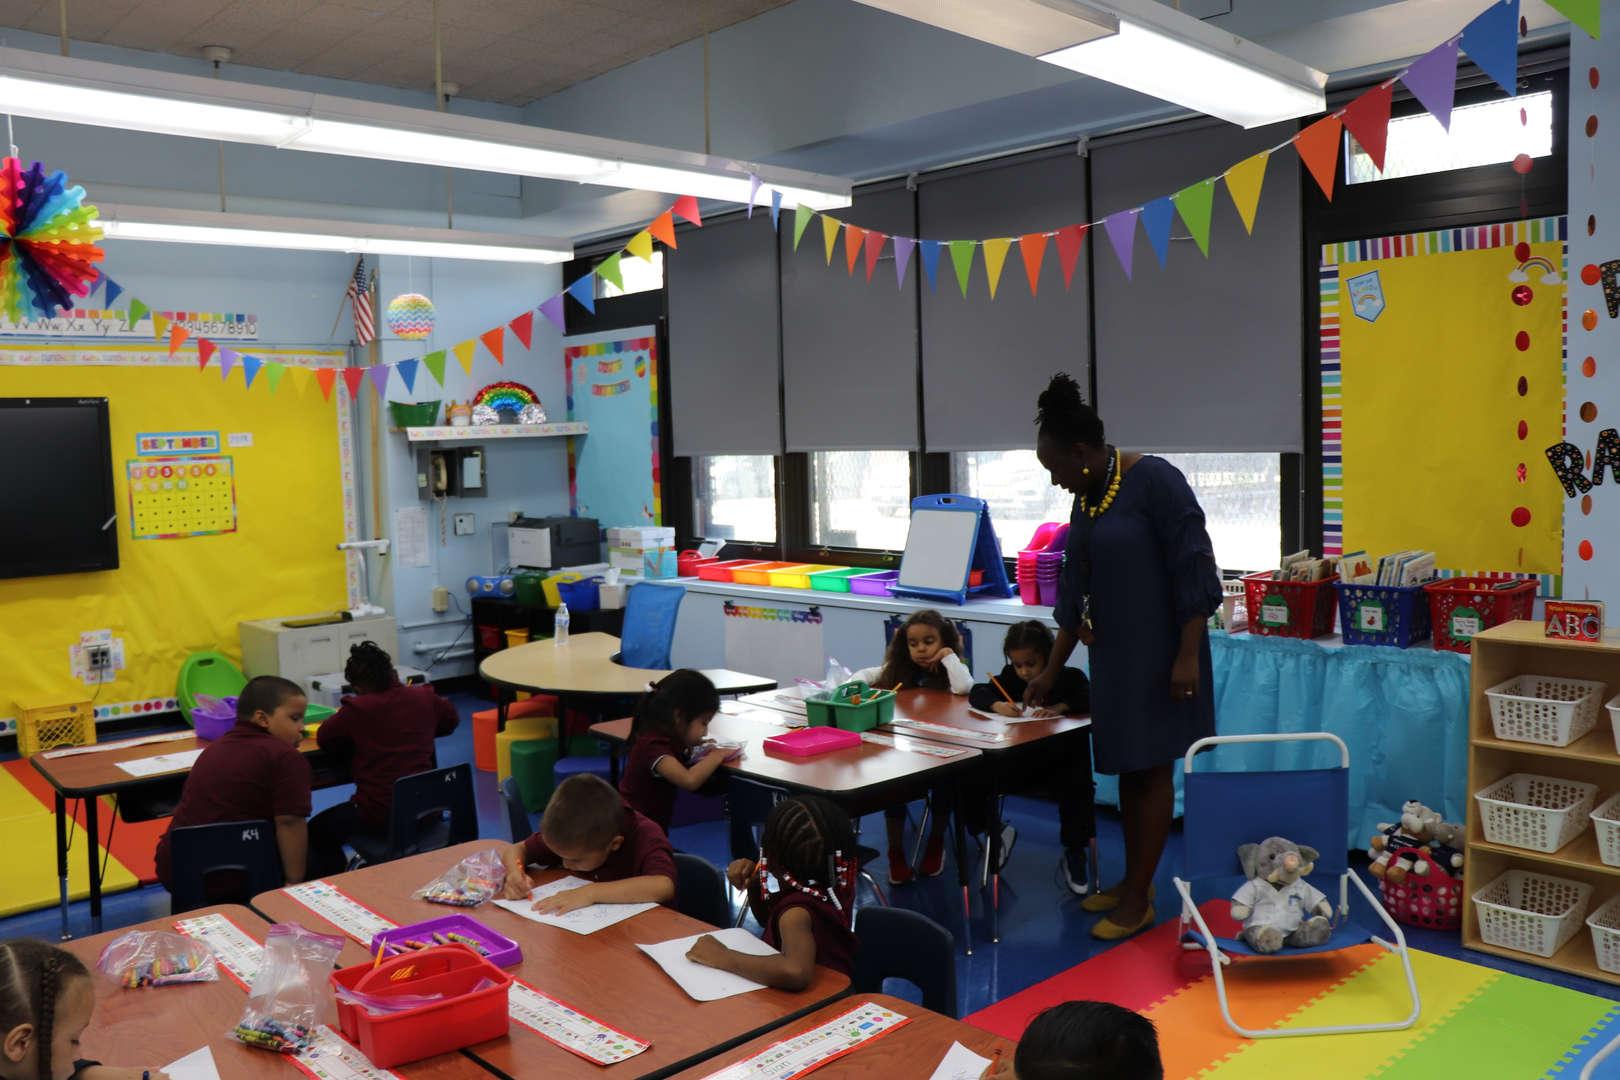 Ms. Oliver's kindergarten class.